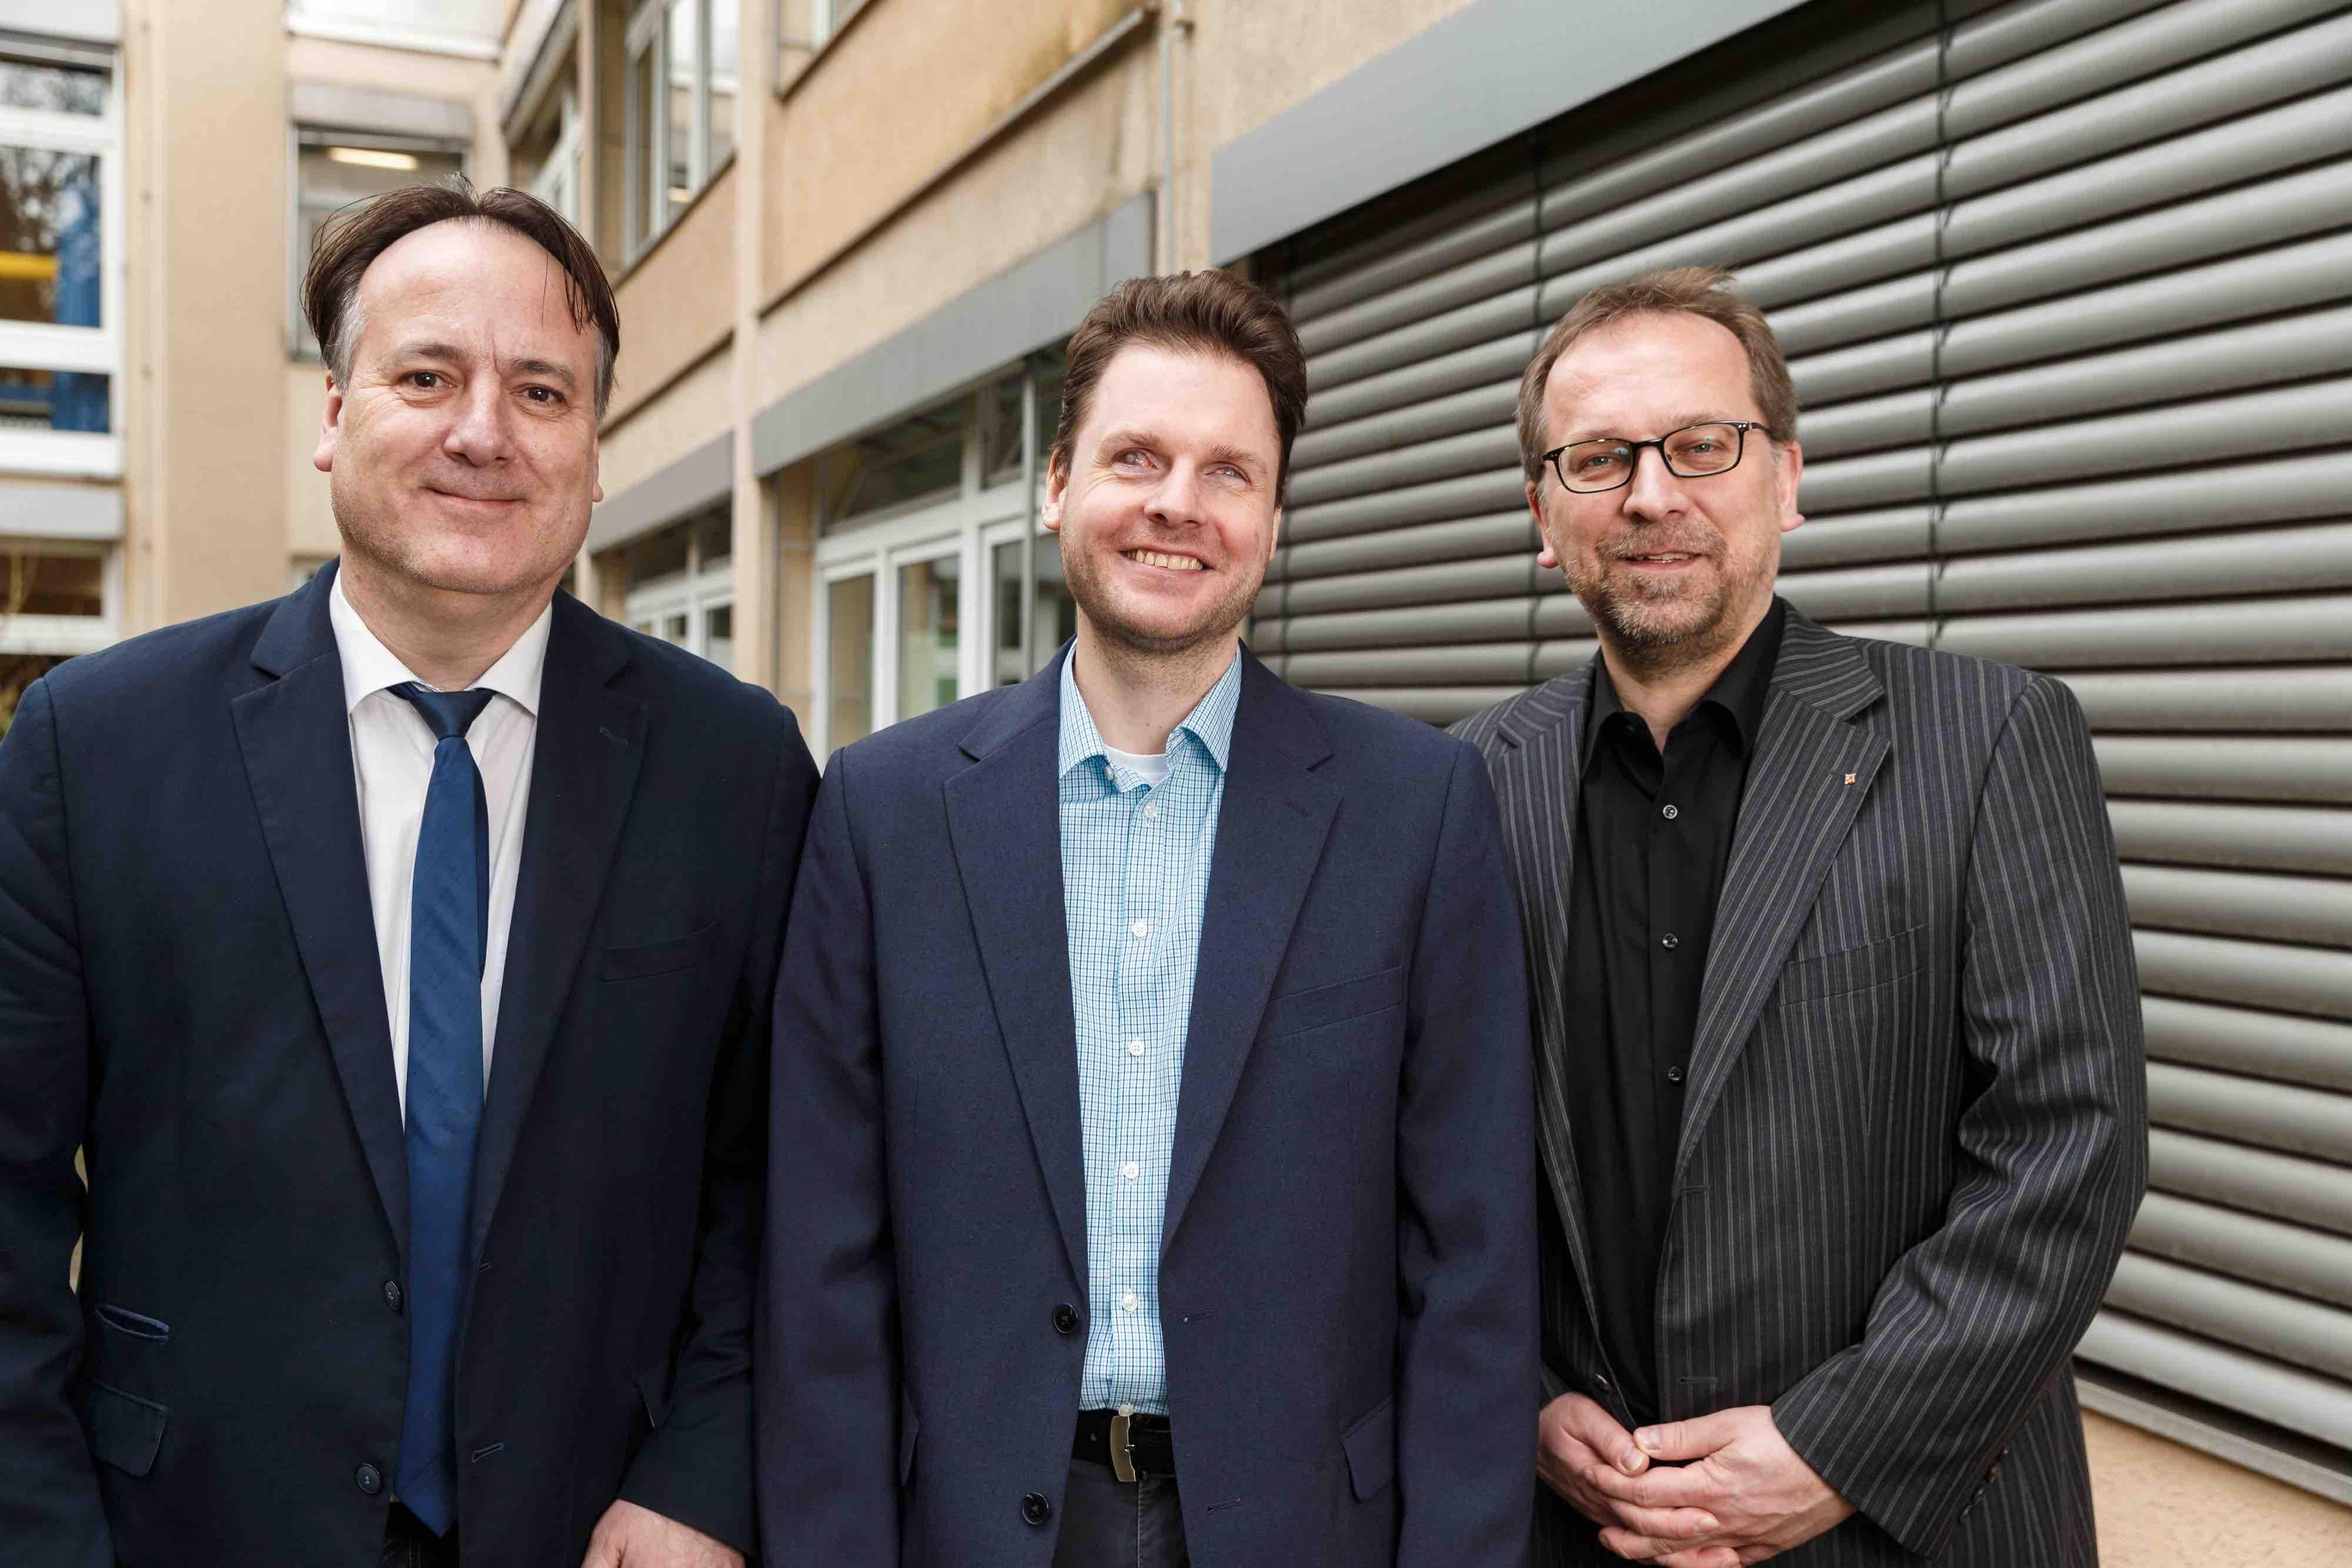 Drei Männer in Anzügen lächeln in die Kamera. Von links nach rechts: Michael Schupke, Stephan Heinke und Sven Hänszke.